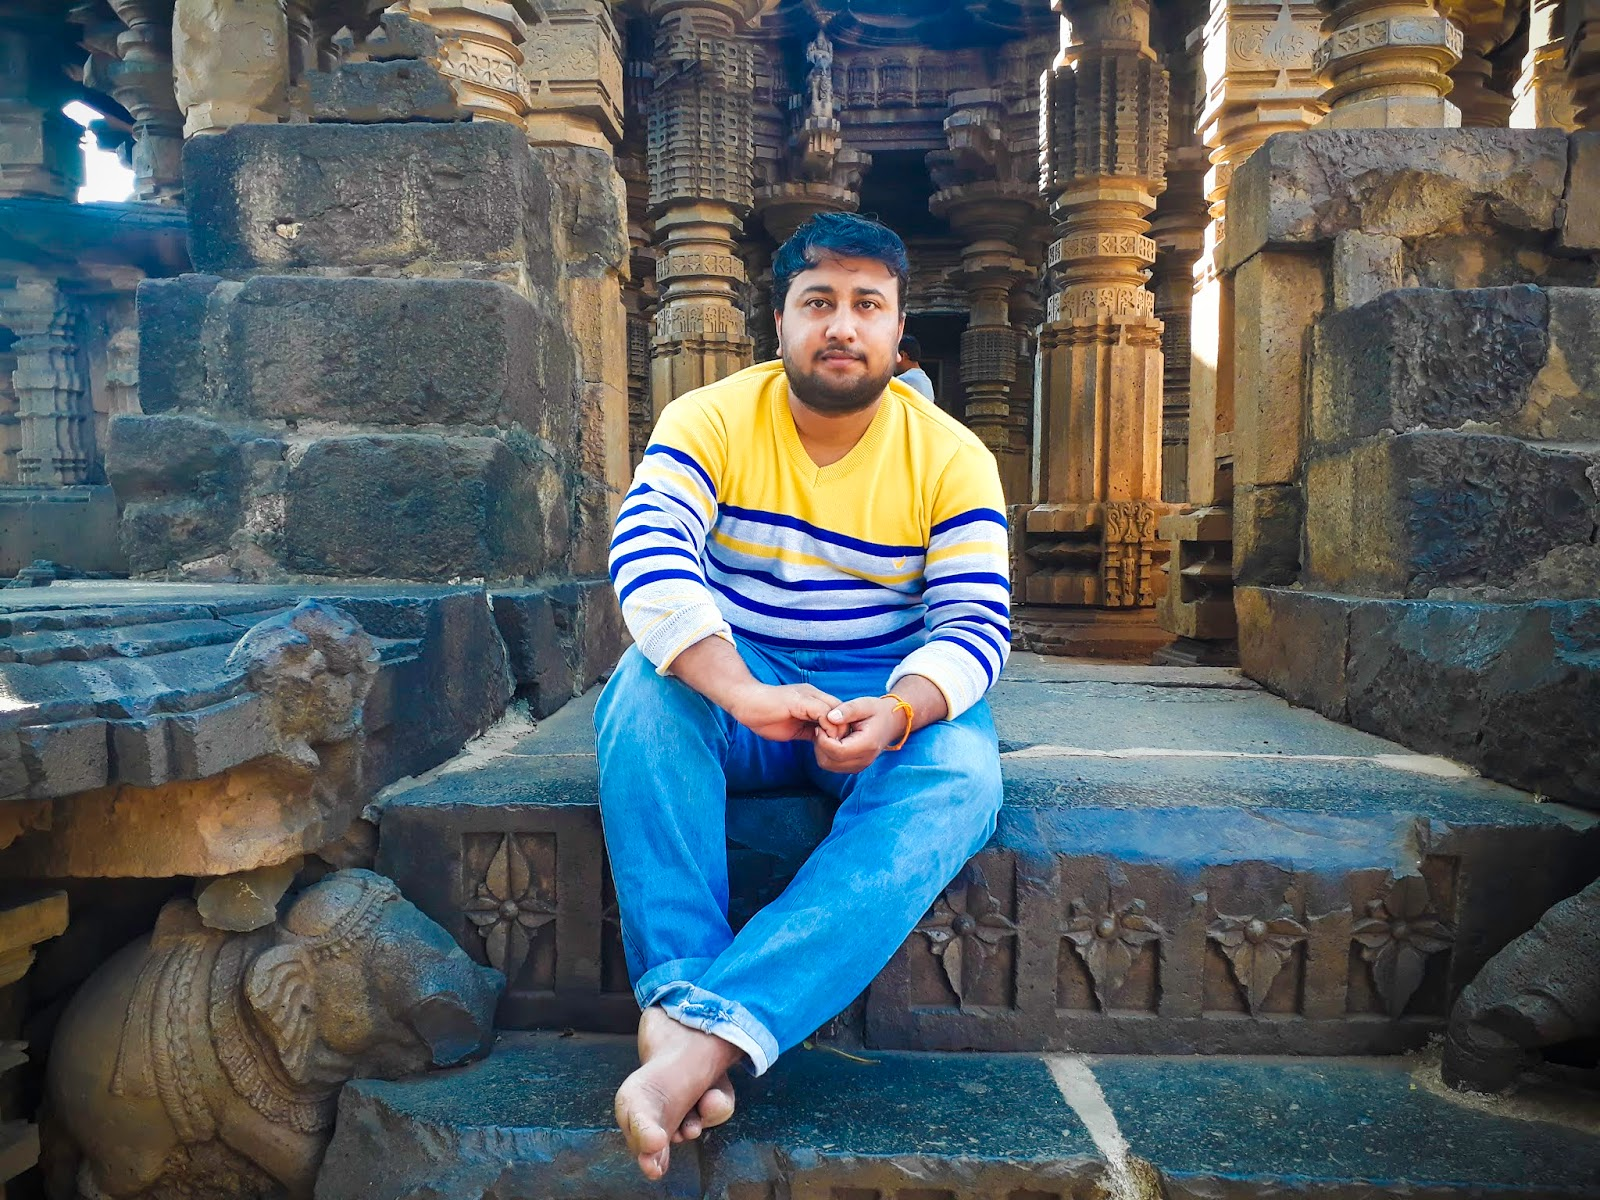 ಪಾರ್ಟಟೈಮ ಗೆಳತಿ - ಕನ್ನಡ ಫ್ರೆಂಡಶೀಪ ಸ್ಟೋರಿ - Kannada Stories